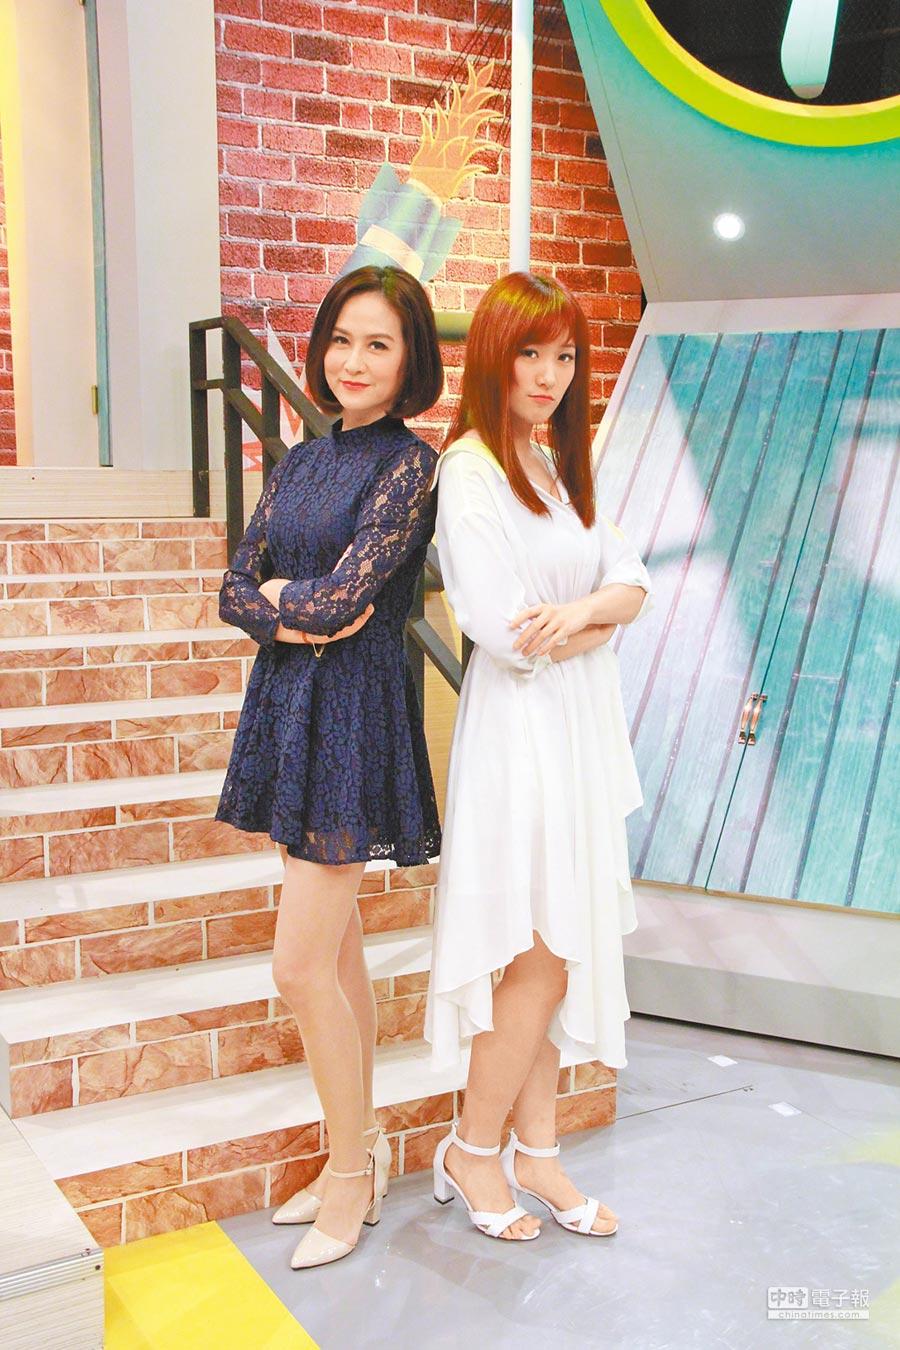 金友莊(左)與女兒葛子楊平常相處像朋友。